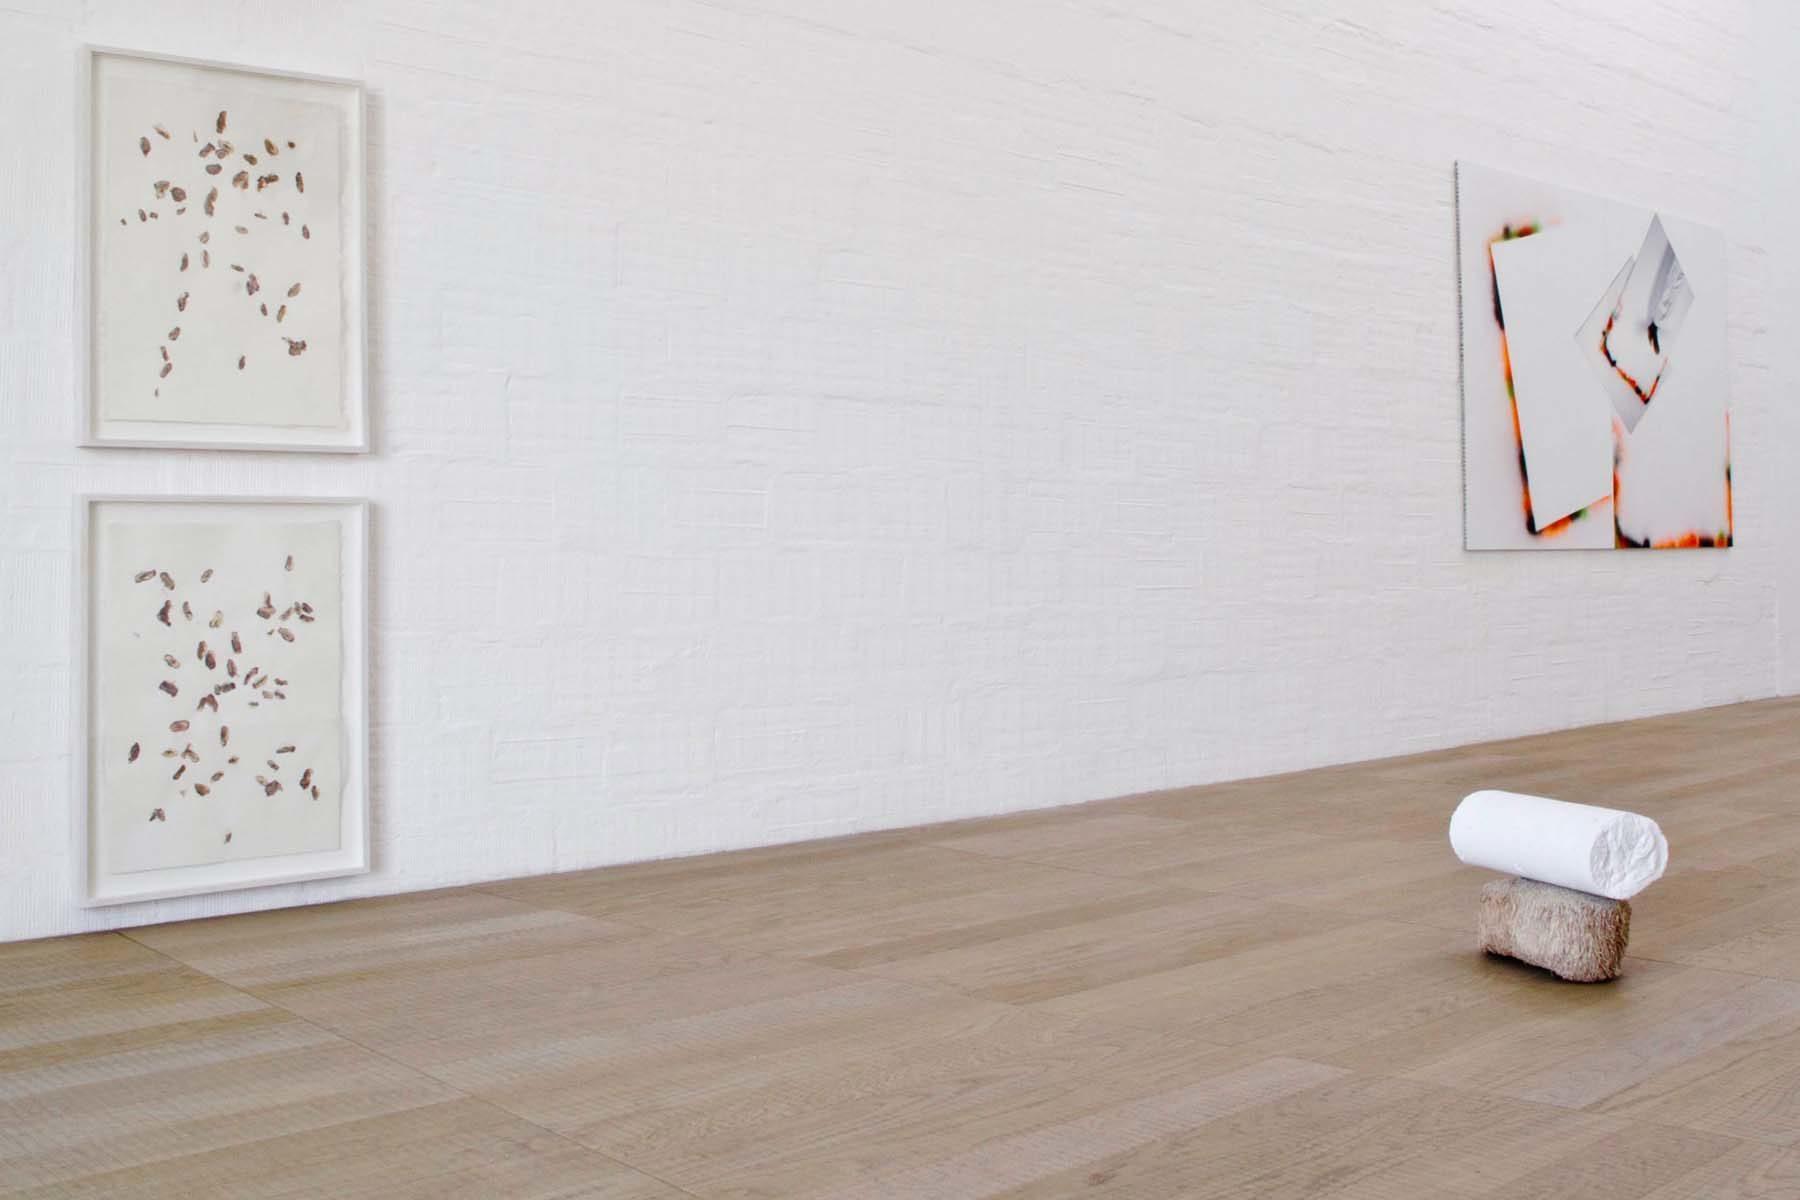 Entrare nell'opera, exhibition view, Galleria Massimodeluca (07)